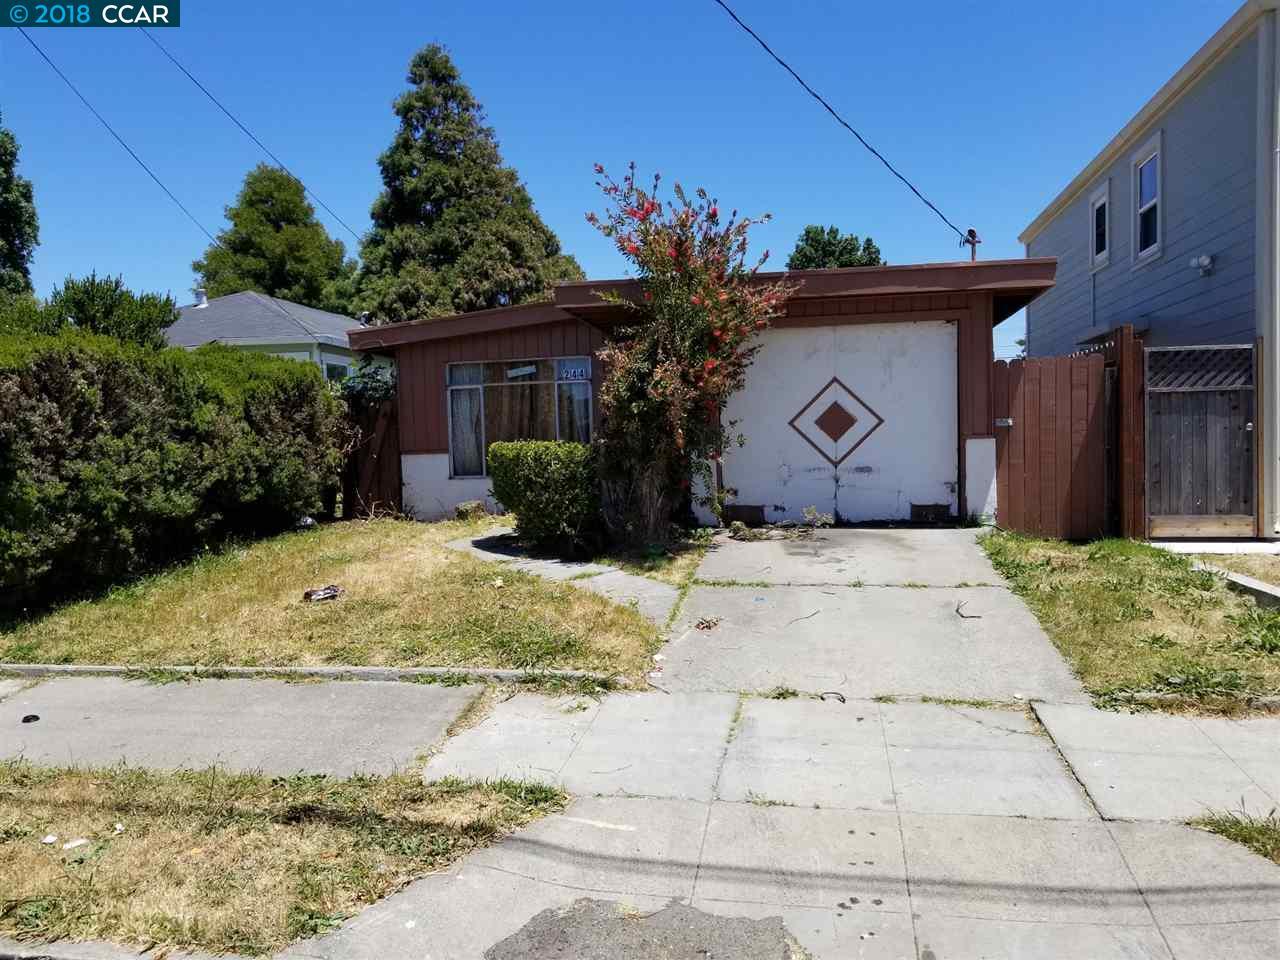 244 S 16, RICHMOND, CA 94804